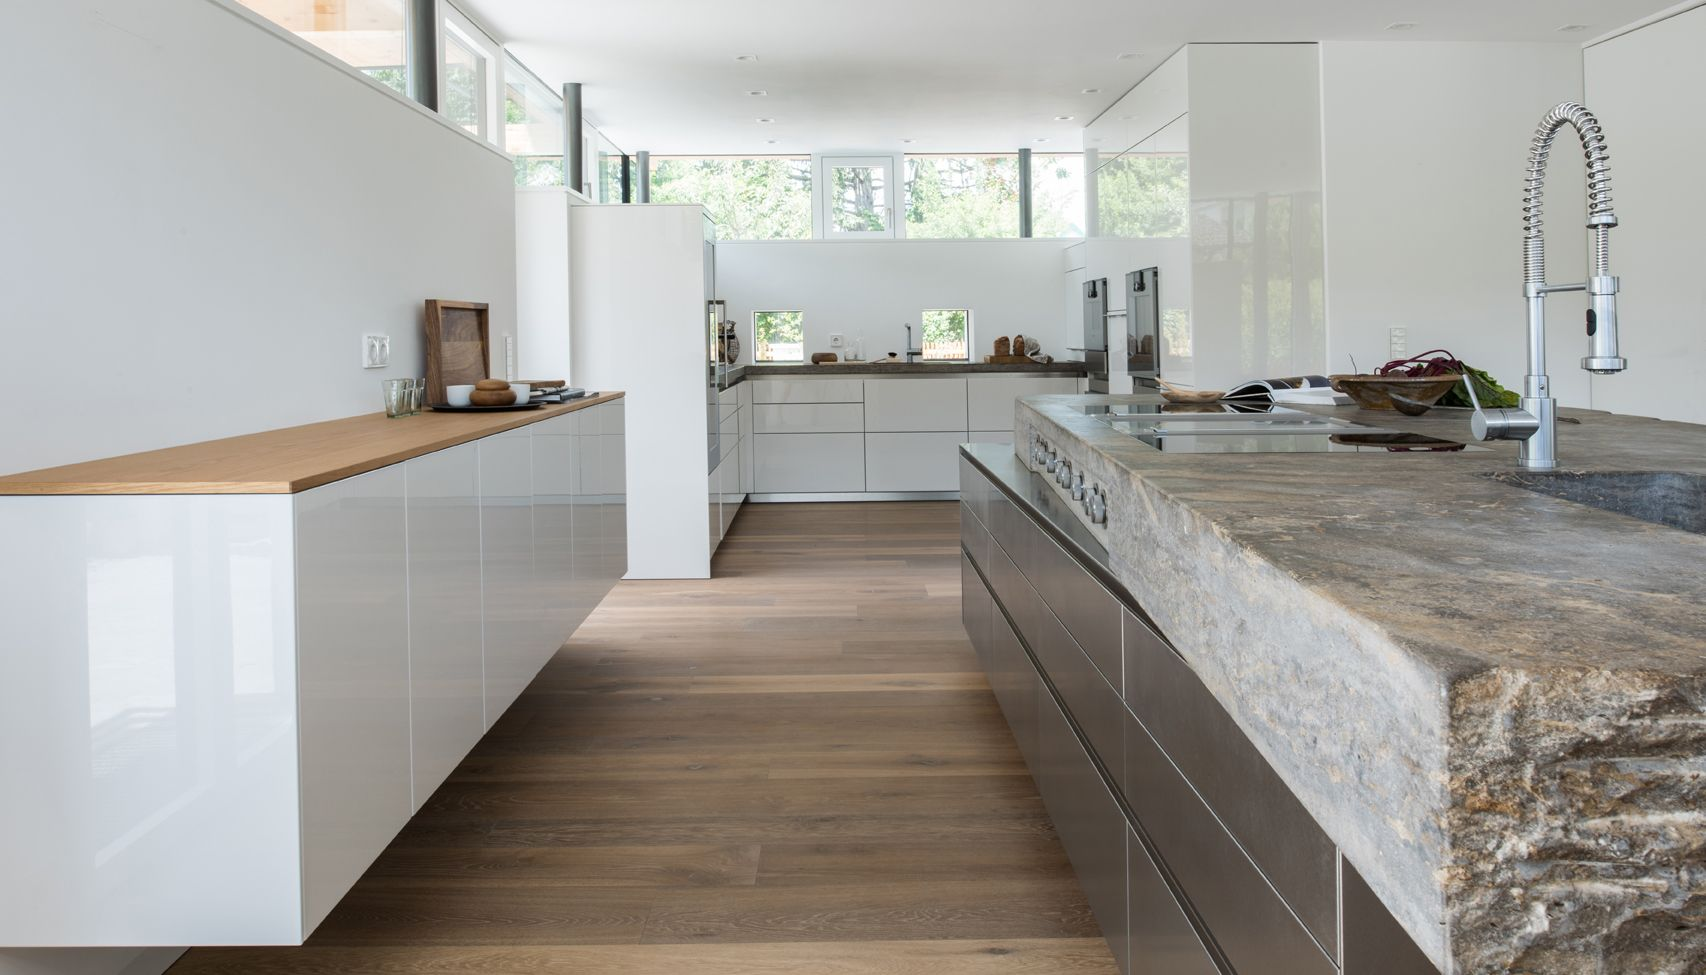 k che mit edelstahlblock berdimensionierter natursteinplatte und gro z giger backkitchen www. Black Bedroom Furniture Sets. Home Design Ideas